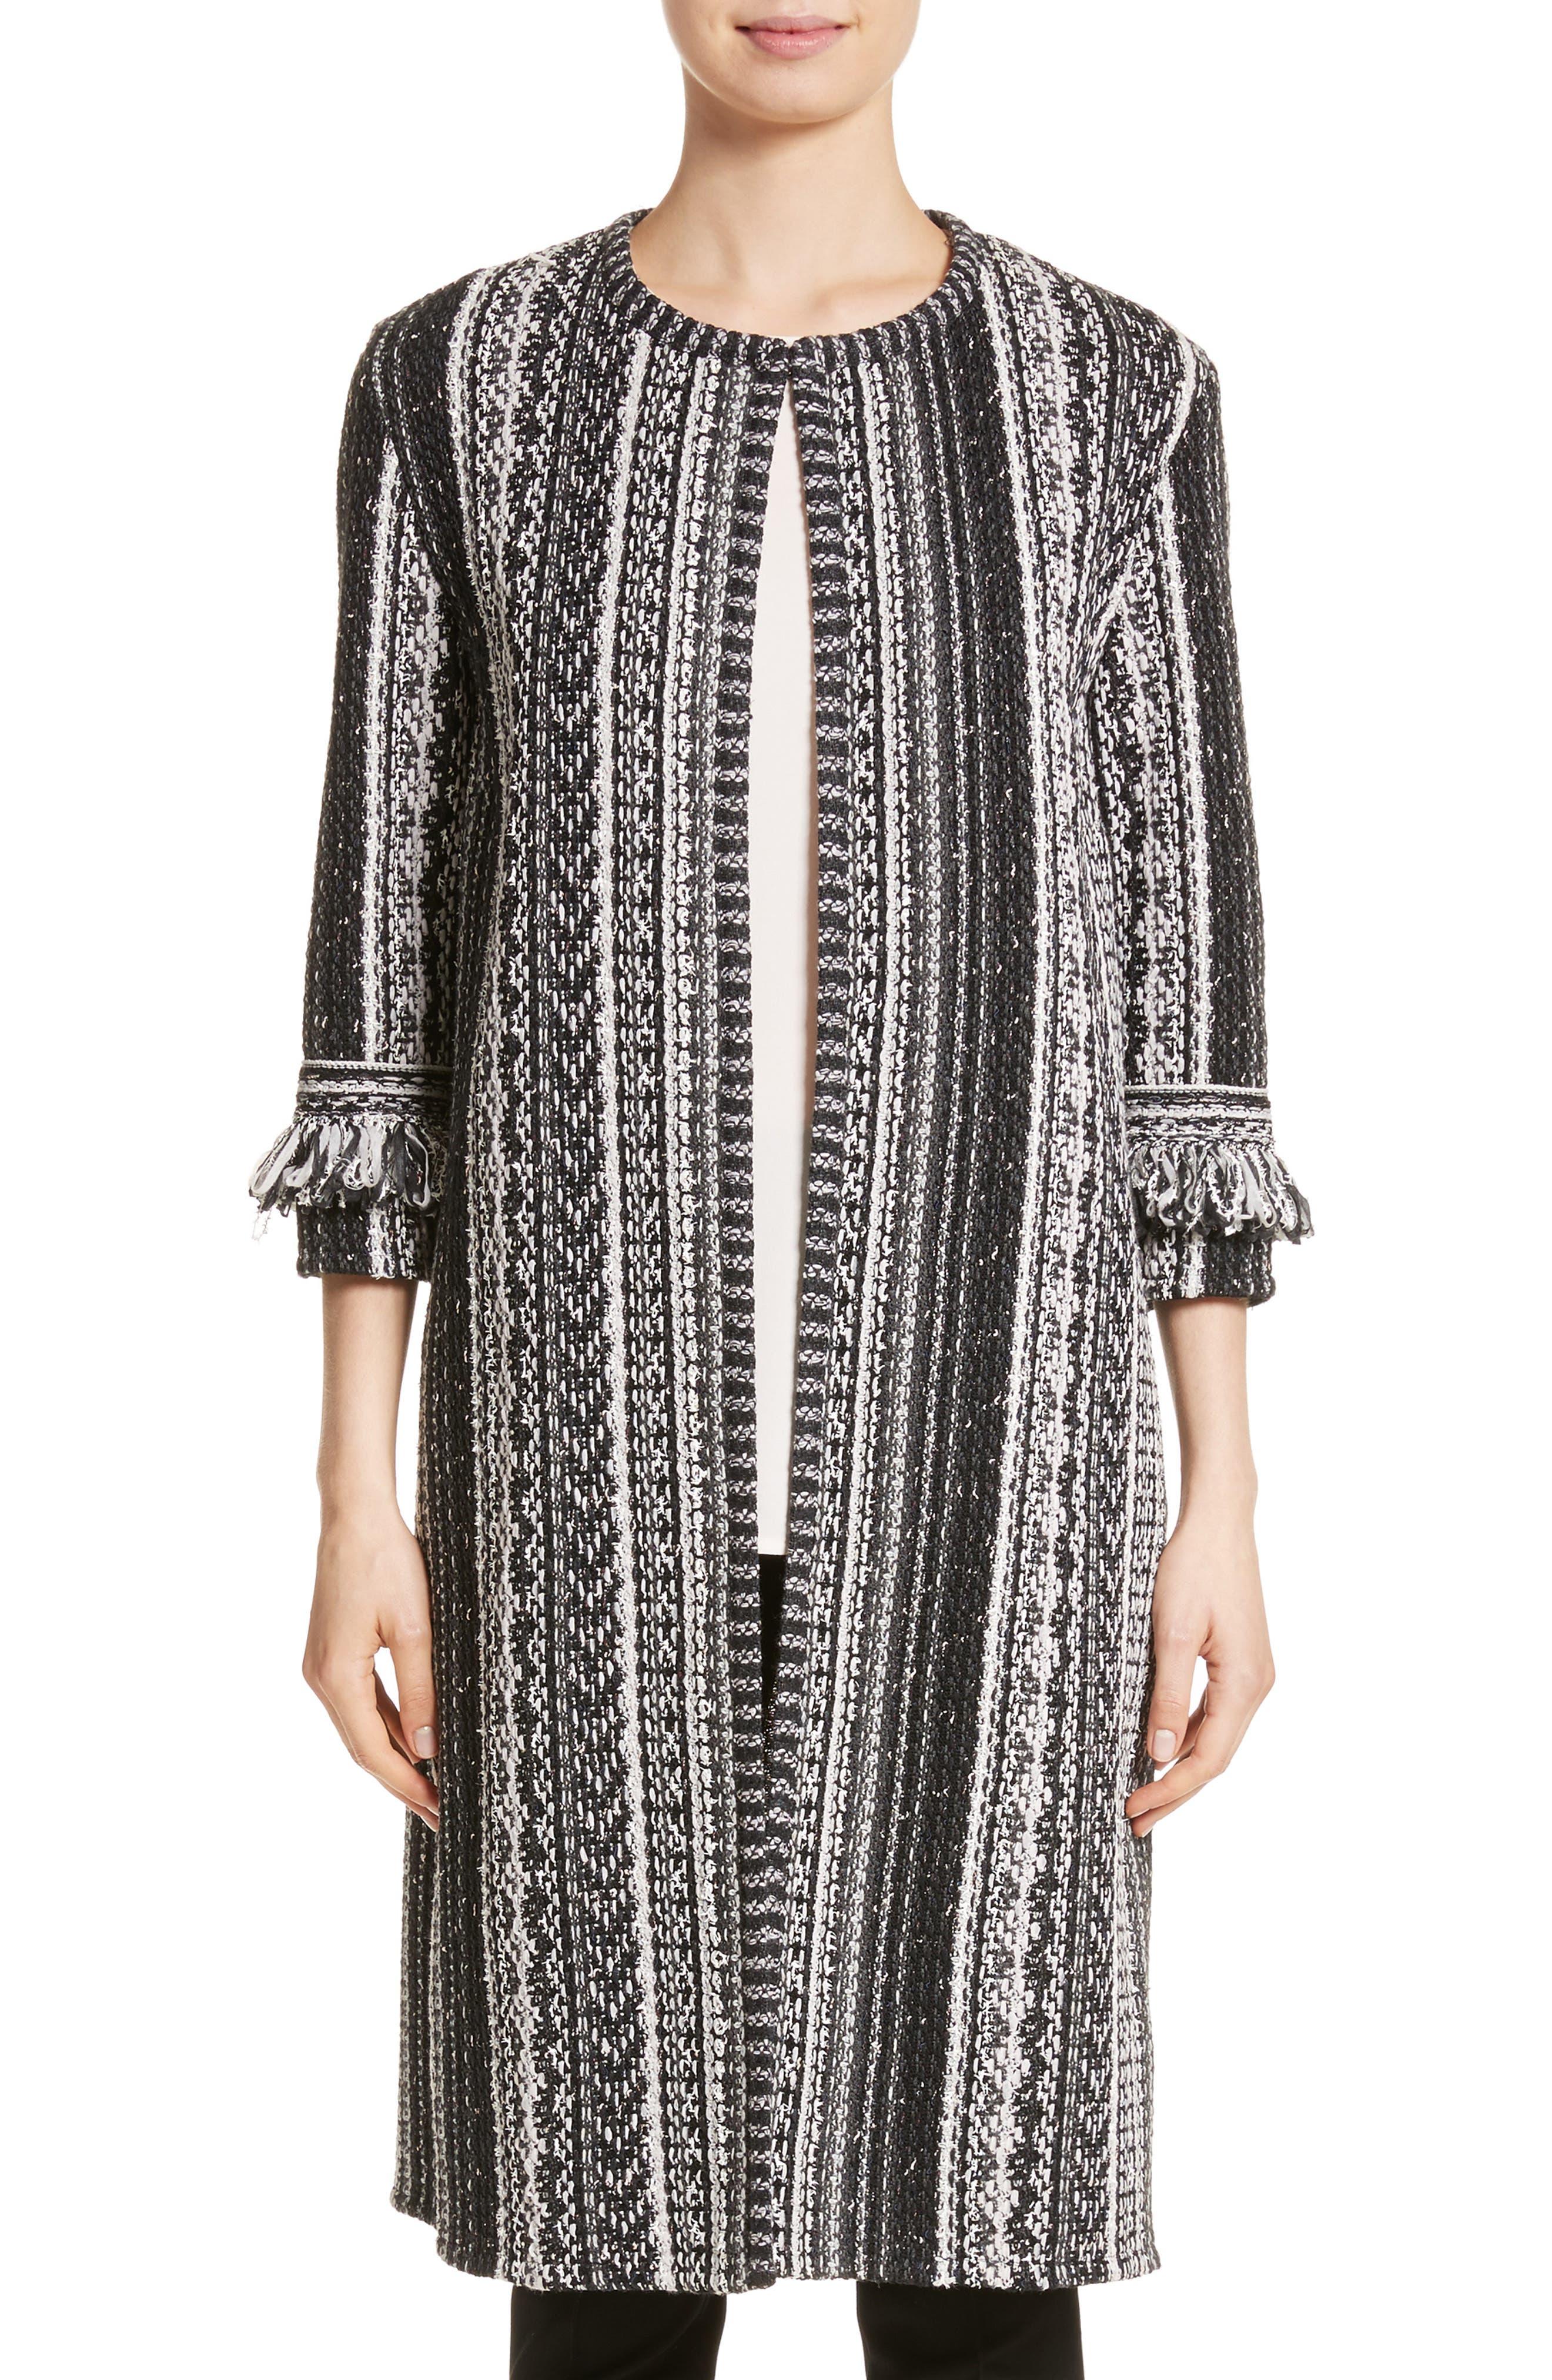 Alternate Image 1 Selected - St. John Collection Fringe Ombré Stripe Tweed Knit Jacket